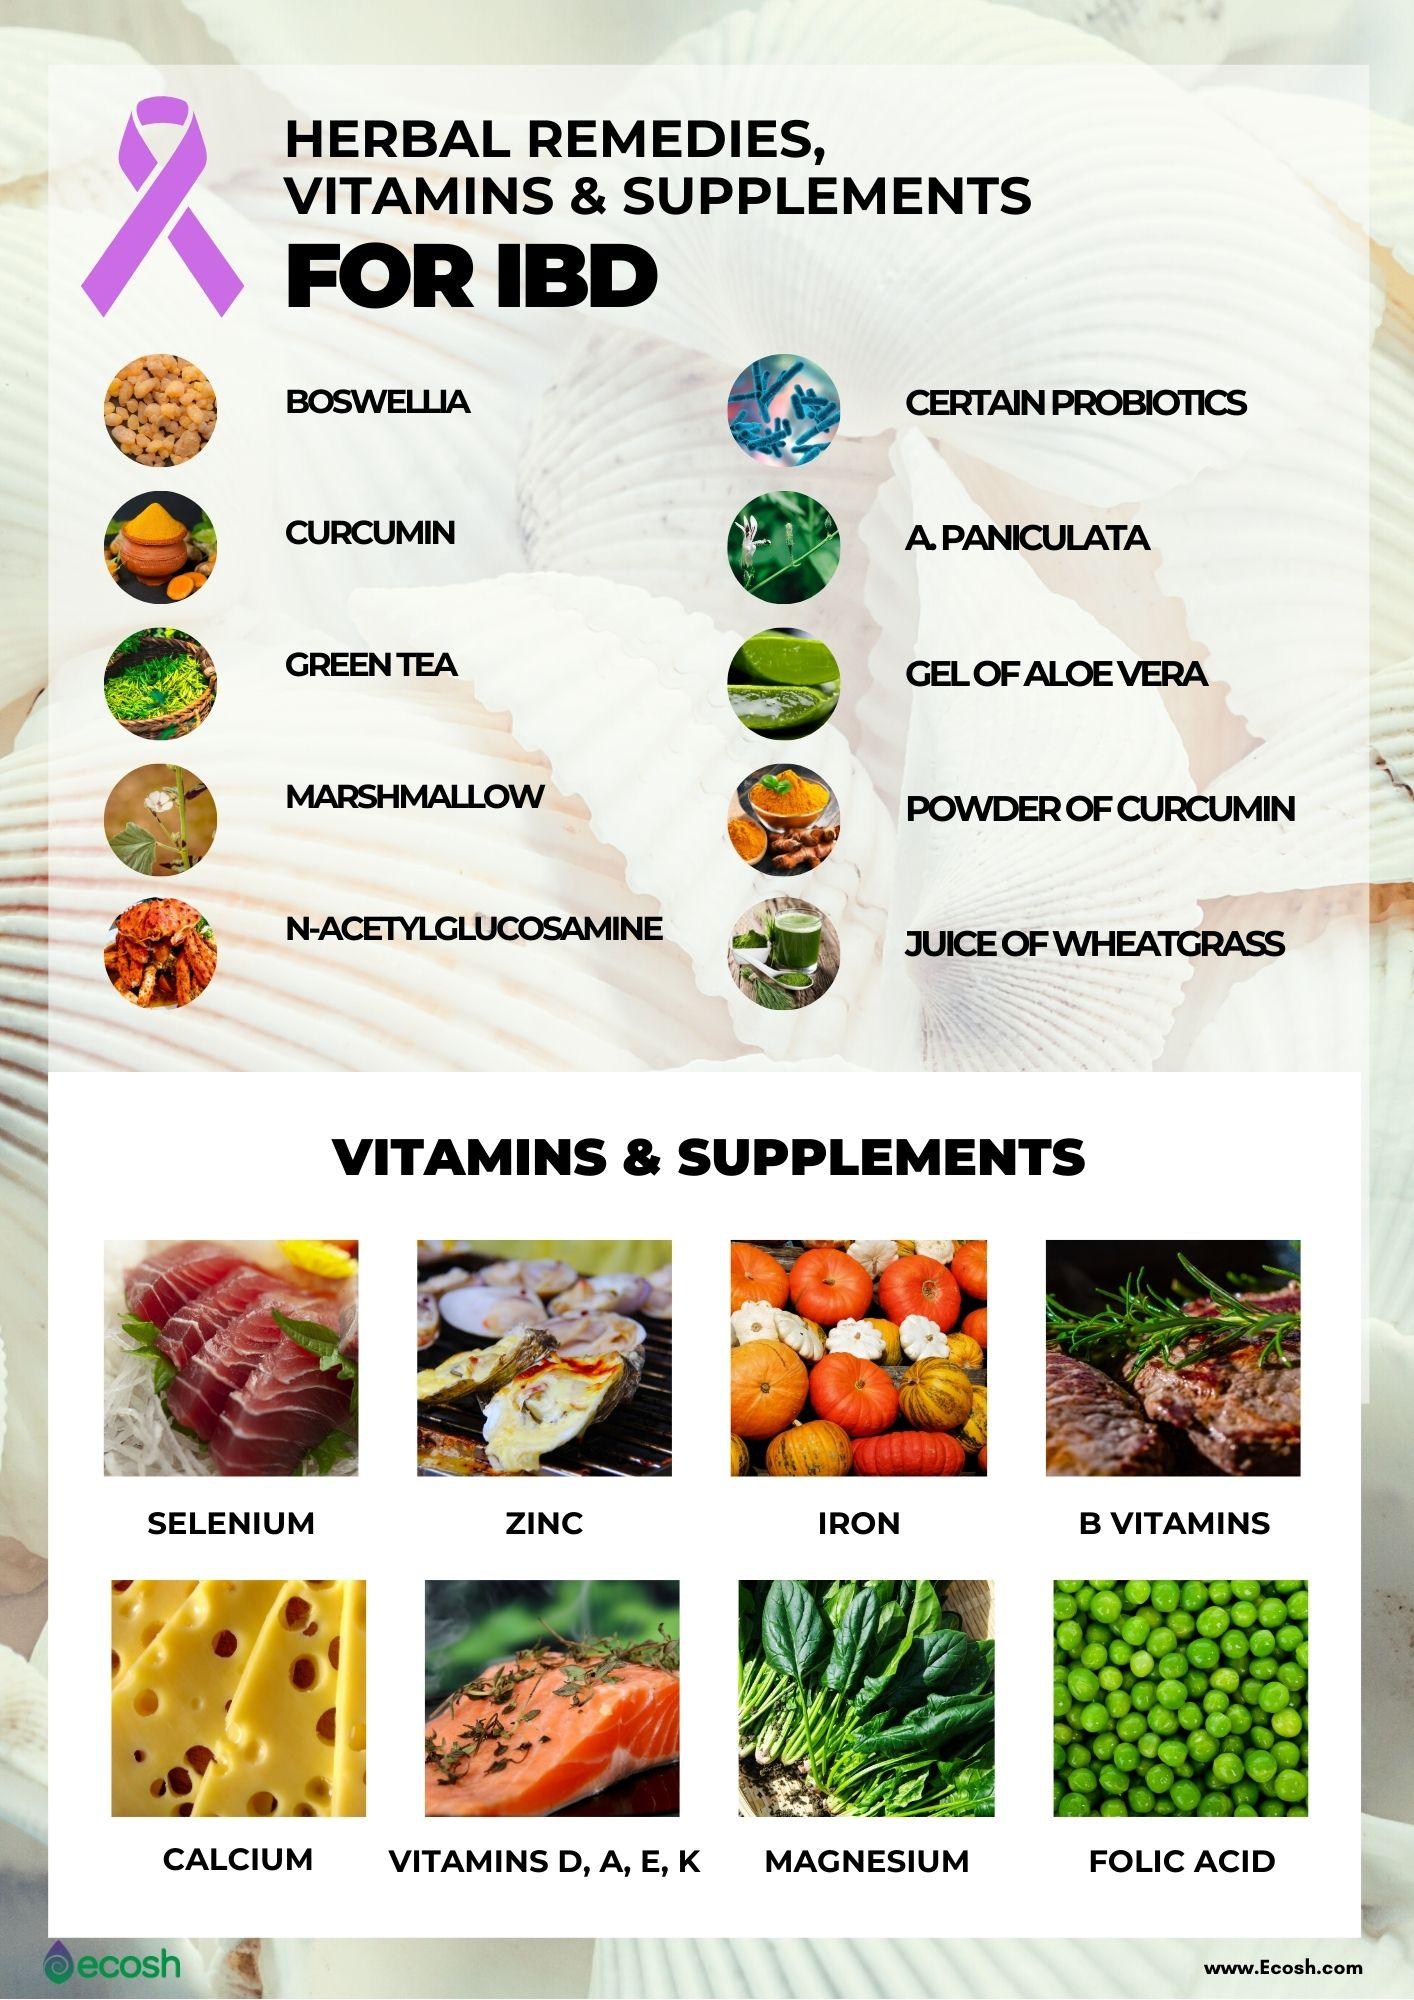 Ecosh_Herbs_for_IBD_Herbal_Remedies_for_IBD_Supplements_for_Inflammatory_Bowel_Disease_Vitamins_for_IBD_Nutrient_Deficiency_in_IBD_Inflammatory_Bowel_Disease_Treatment